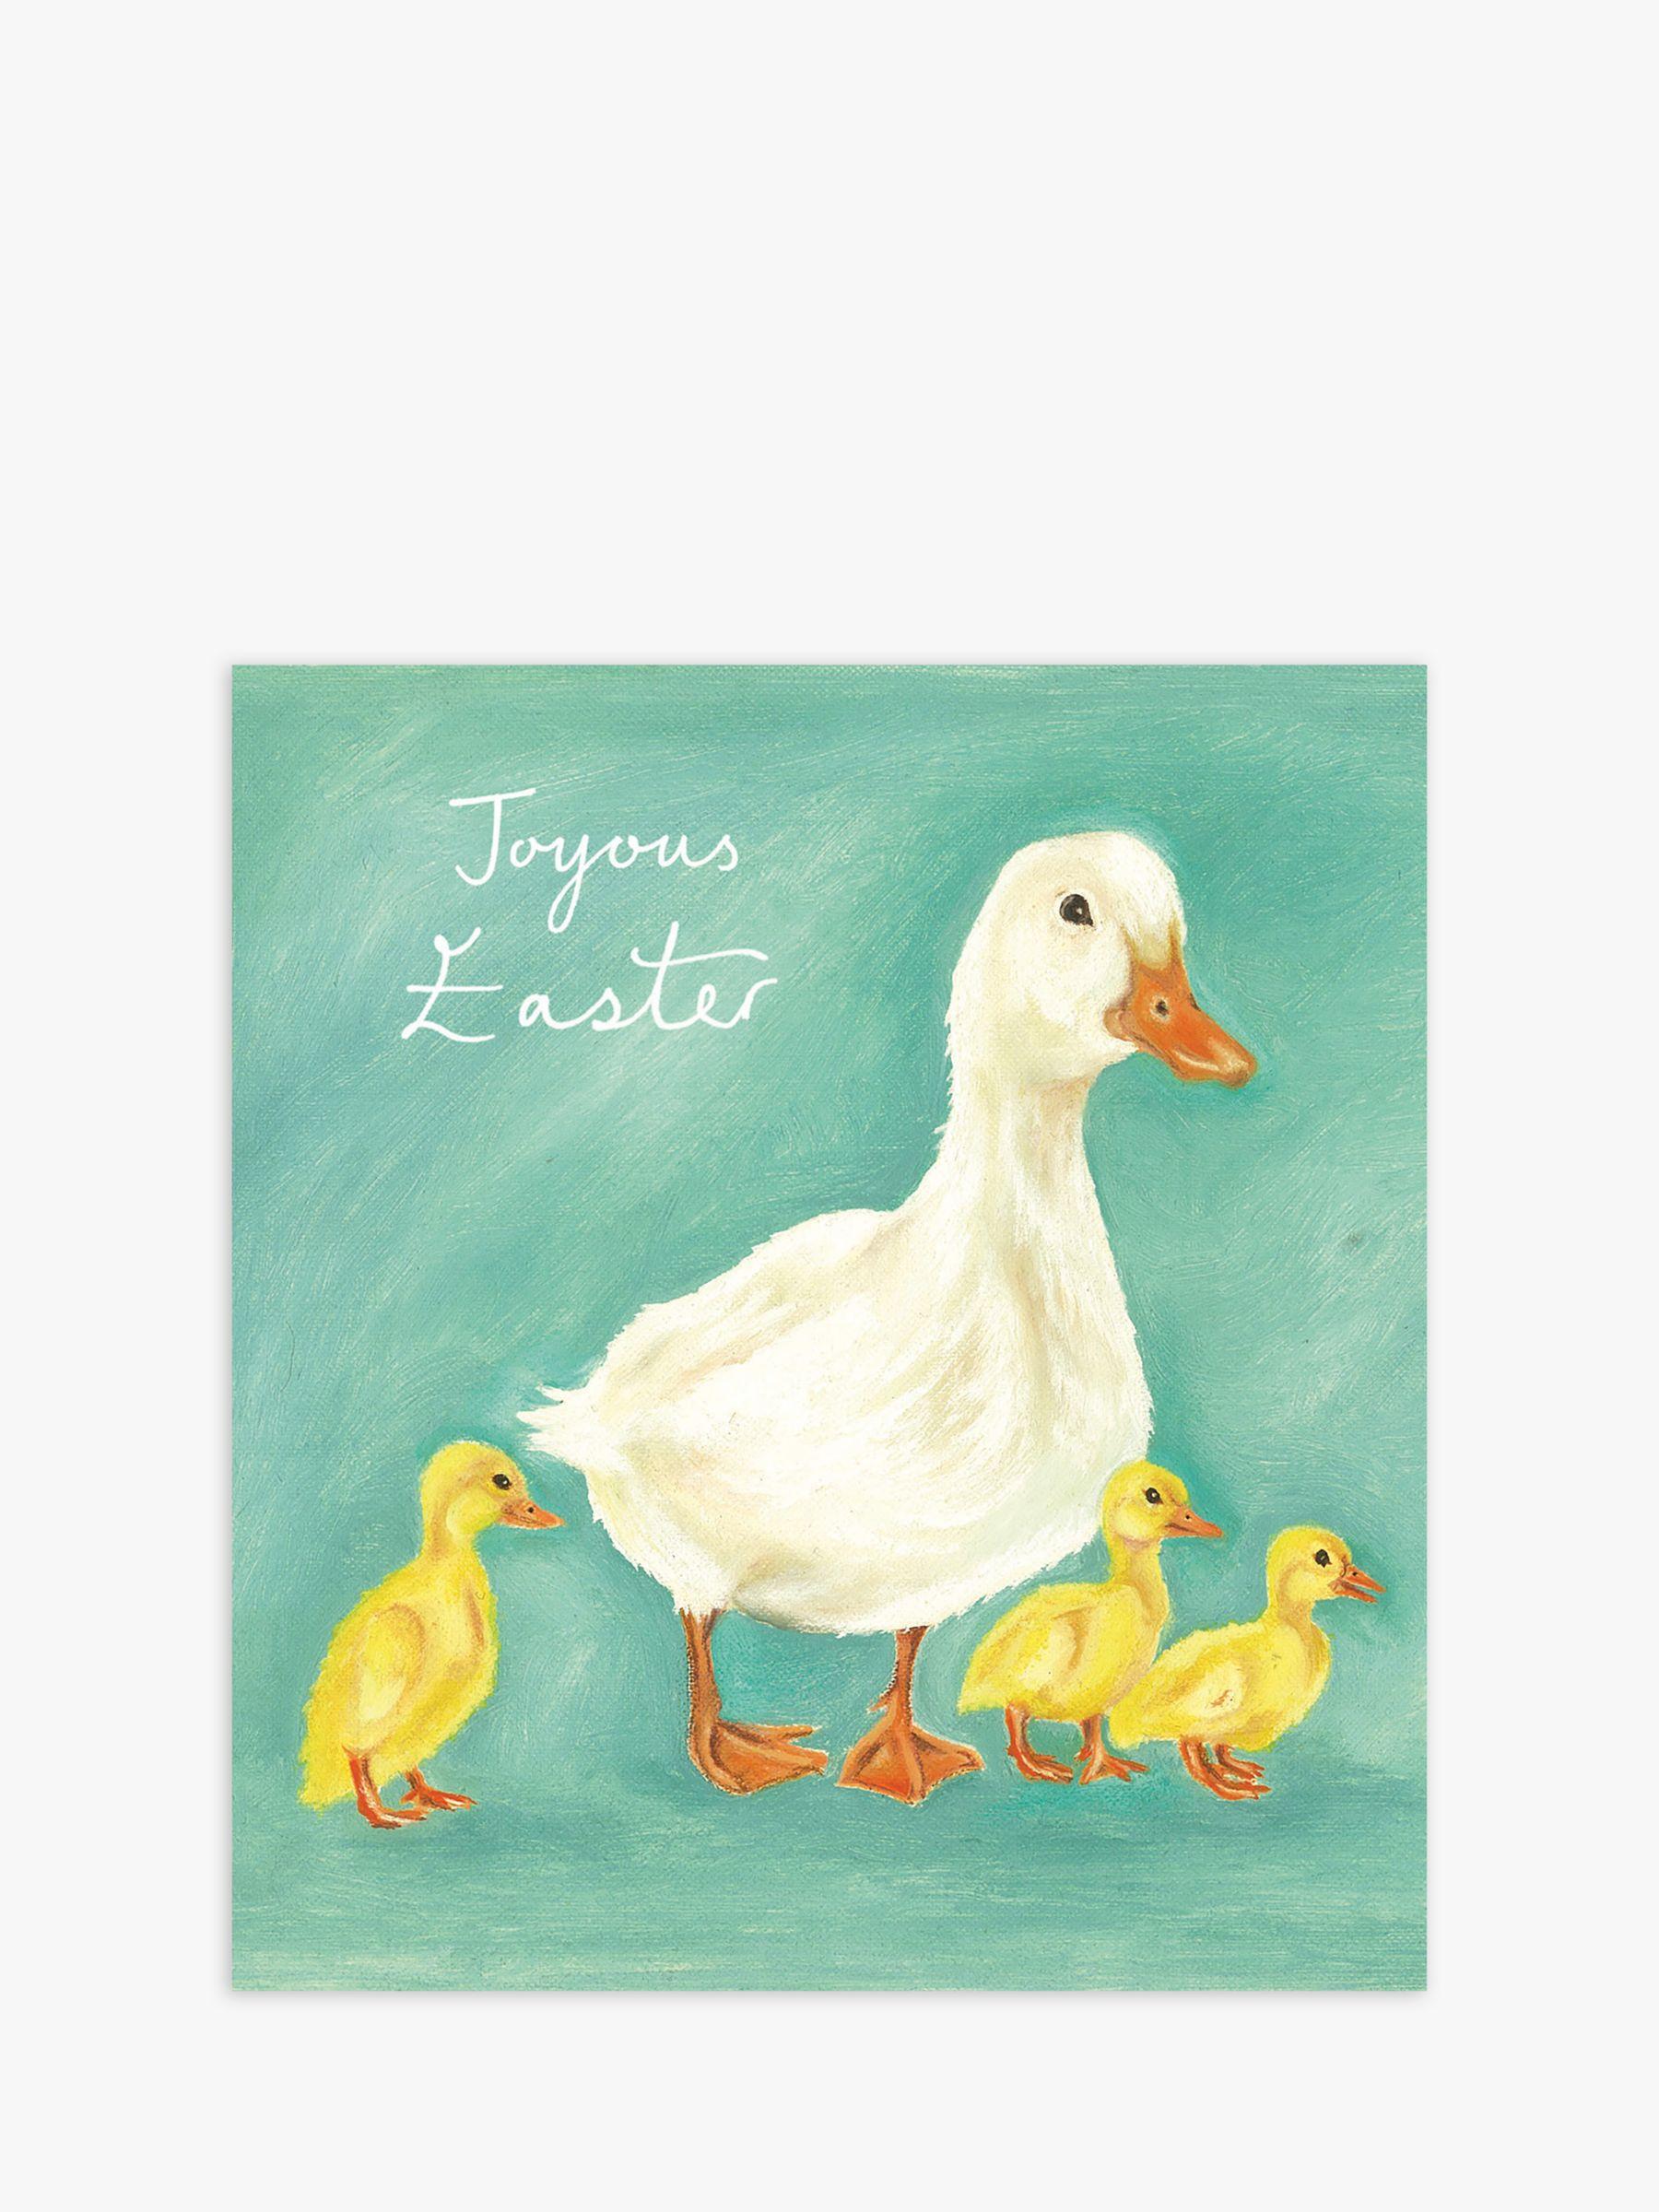 Woodmansterne Woodmansterne Ducklings Joyous Easter Cards, Pack of 5